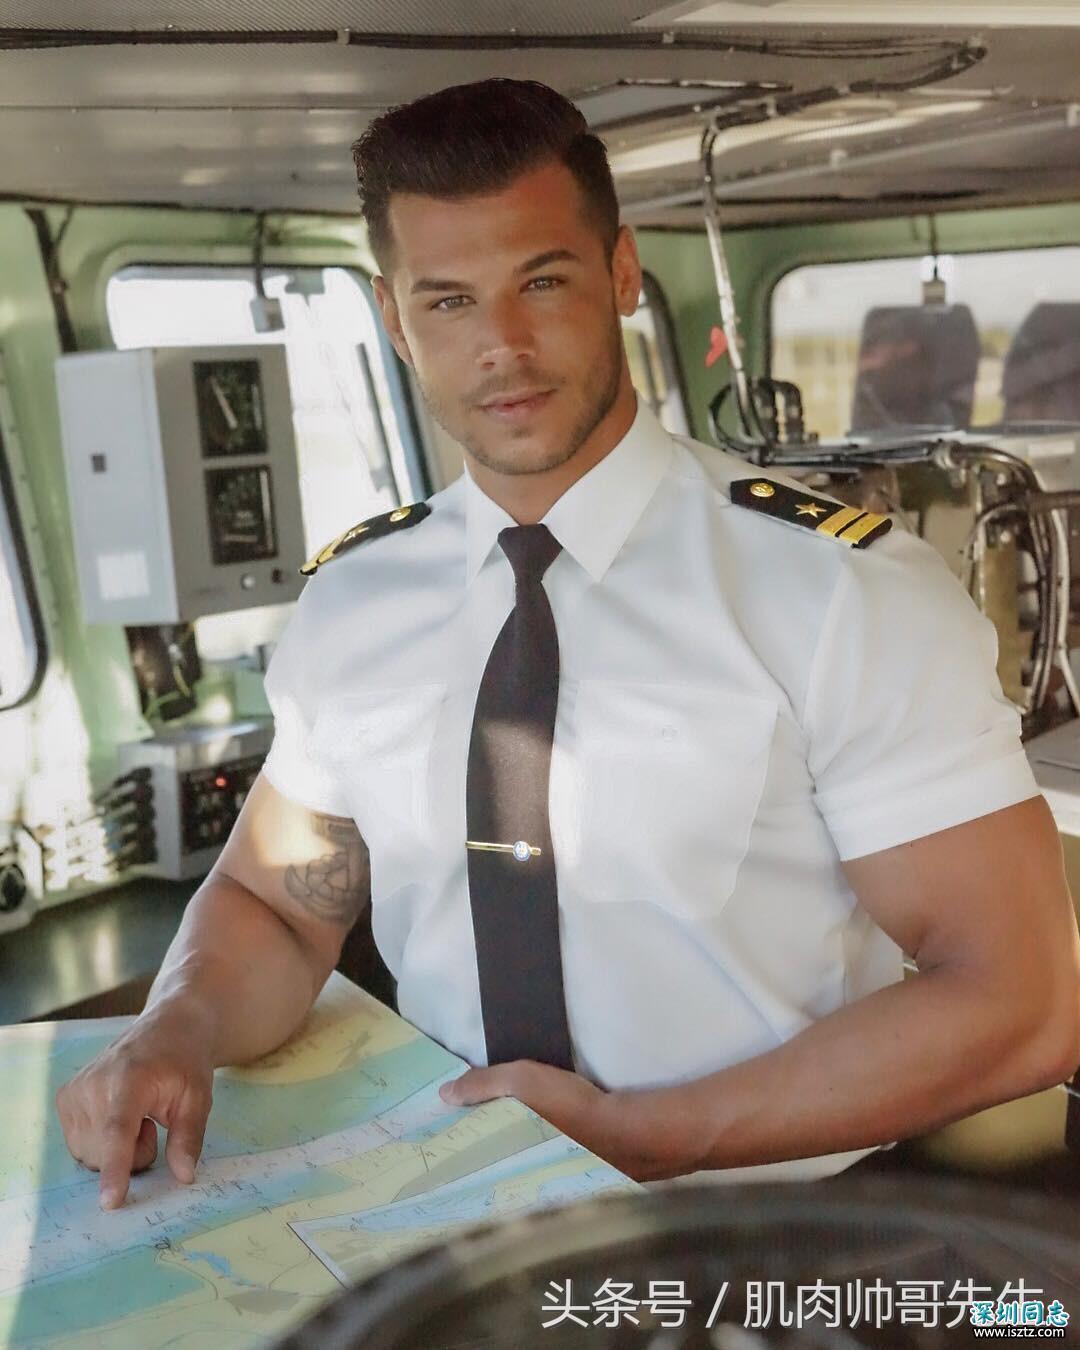 帅气逼人的国外飞机驾驶员 人帅身材好